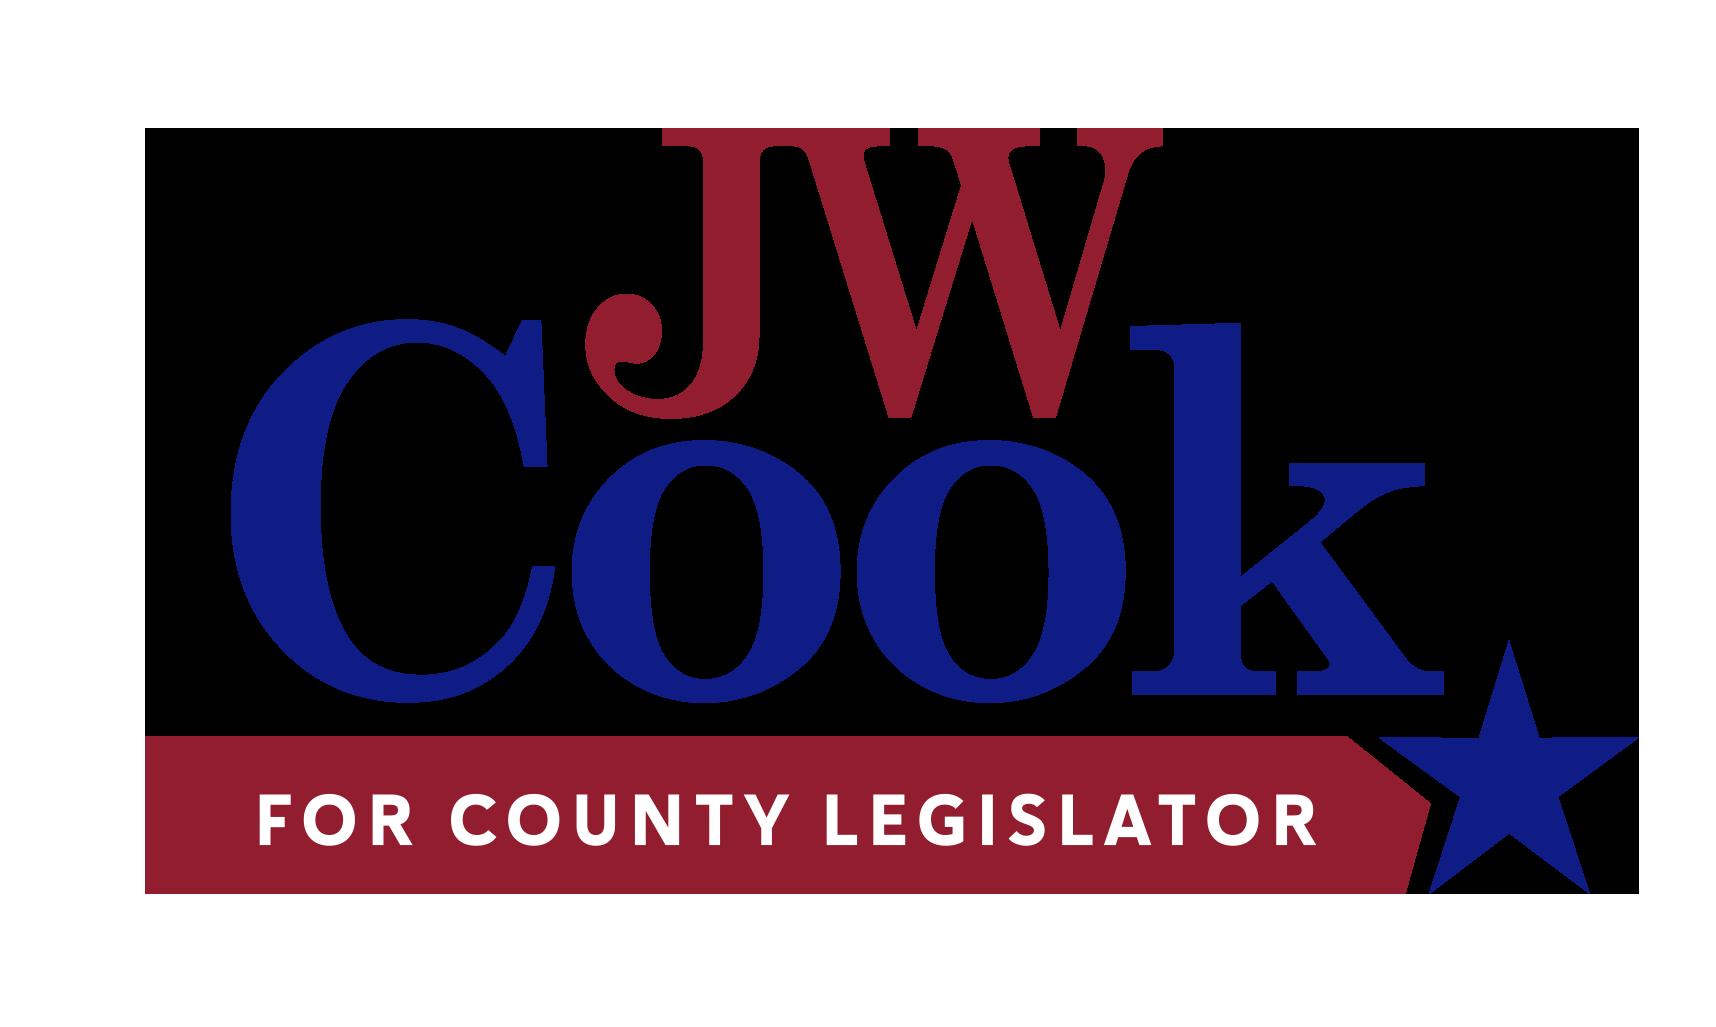 JW Cook